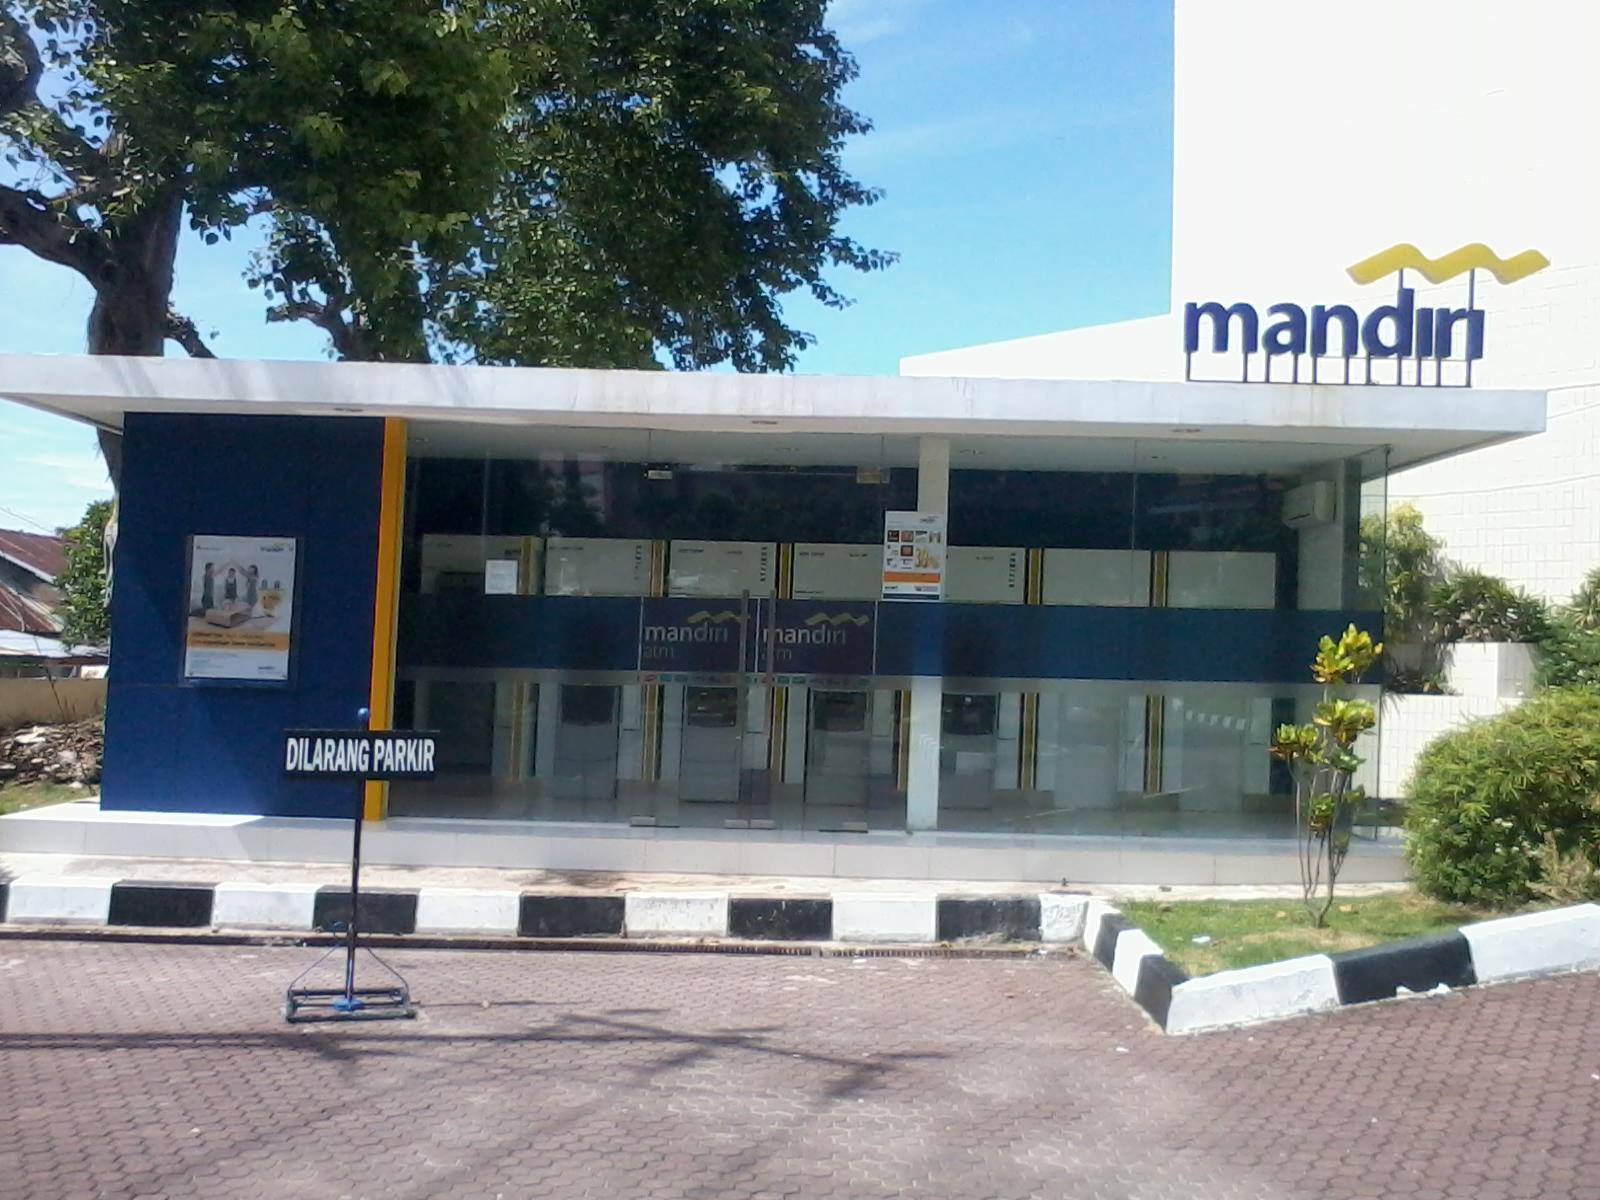 Lowongan Kerja Jambi Juli 2013 Lowongan Kerja Jambi Terbaru Juli 2013 Sma Bank Bumn Cpns Lowongan Kerja Bank Mandiri Info Lowongan Kerja Terbaru Dari Bank